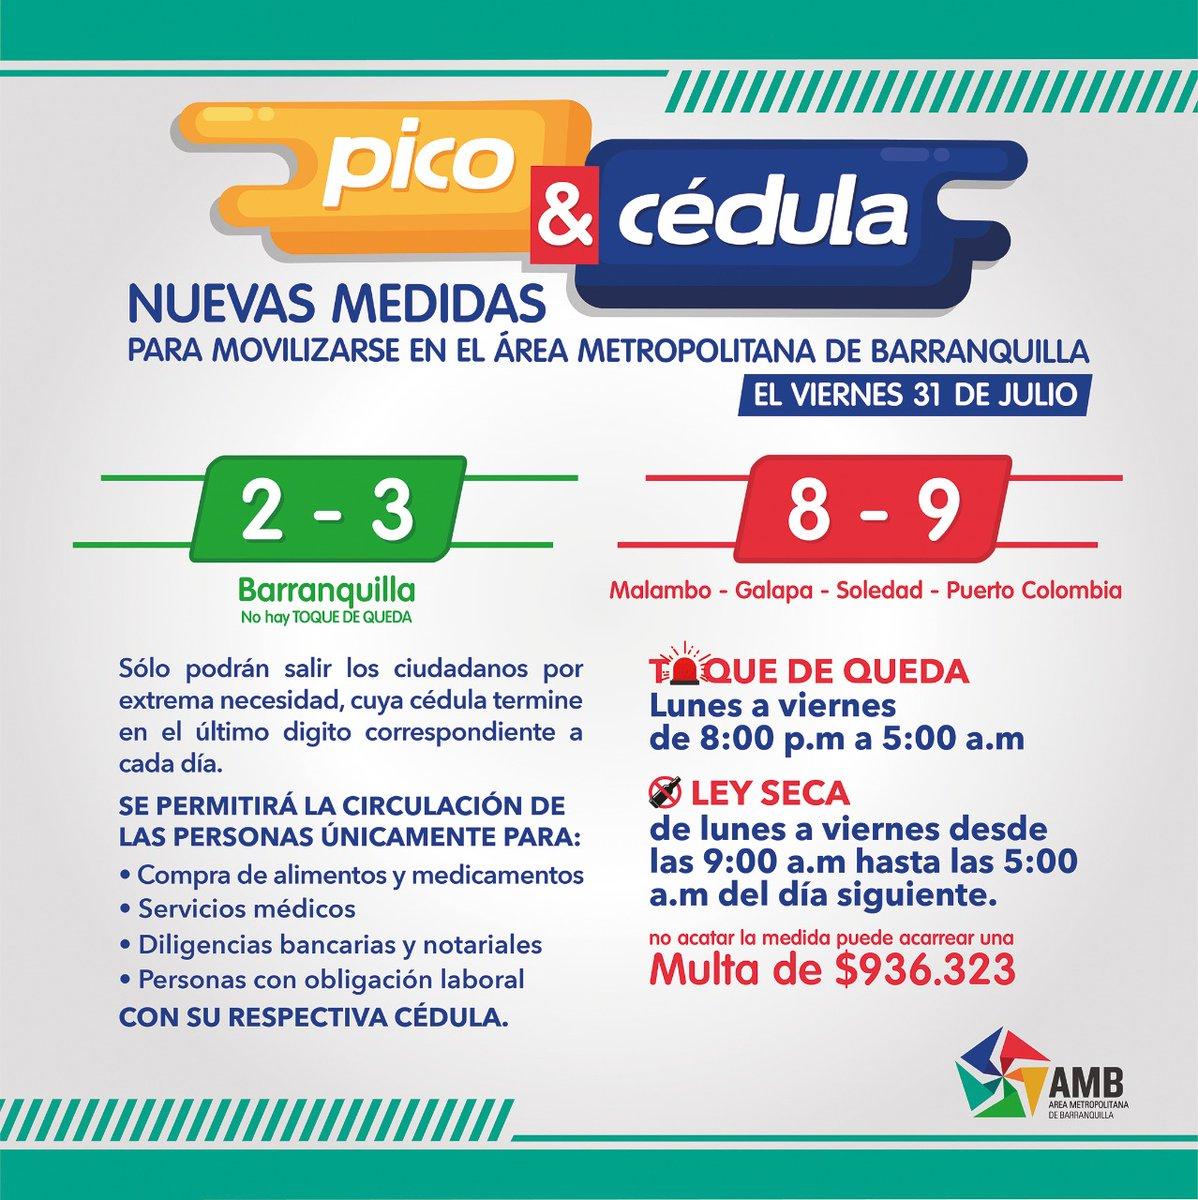 """¡Buenos días! ☀️ Le recordamos a la comunidad el """"Pico y Cédula"""" entre B/quilla y su Área Metropolitana para aquellas personas, cuya cédula termine en el último dígito correspondiente a cada día.  📍 Barranquilla: 2️⃣ y 3️⃣  📍 Malambo, Galapa, Soledad y Puerto Colombia: 8️⃣ y 9️⃣ https://t.co/YBK8nR6zJt"""